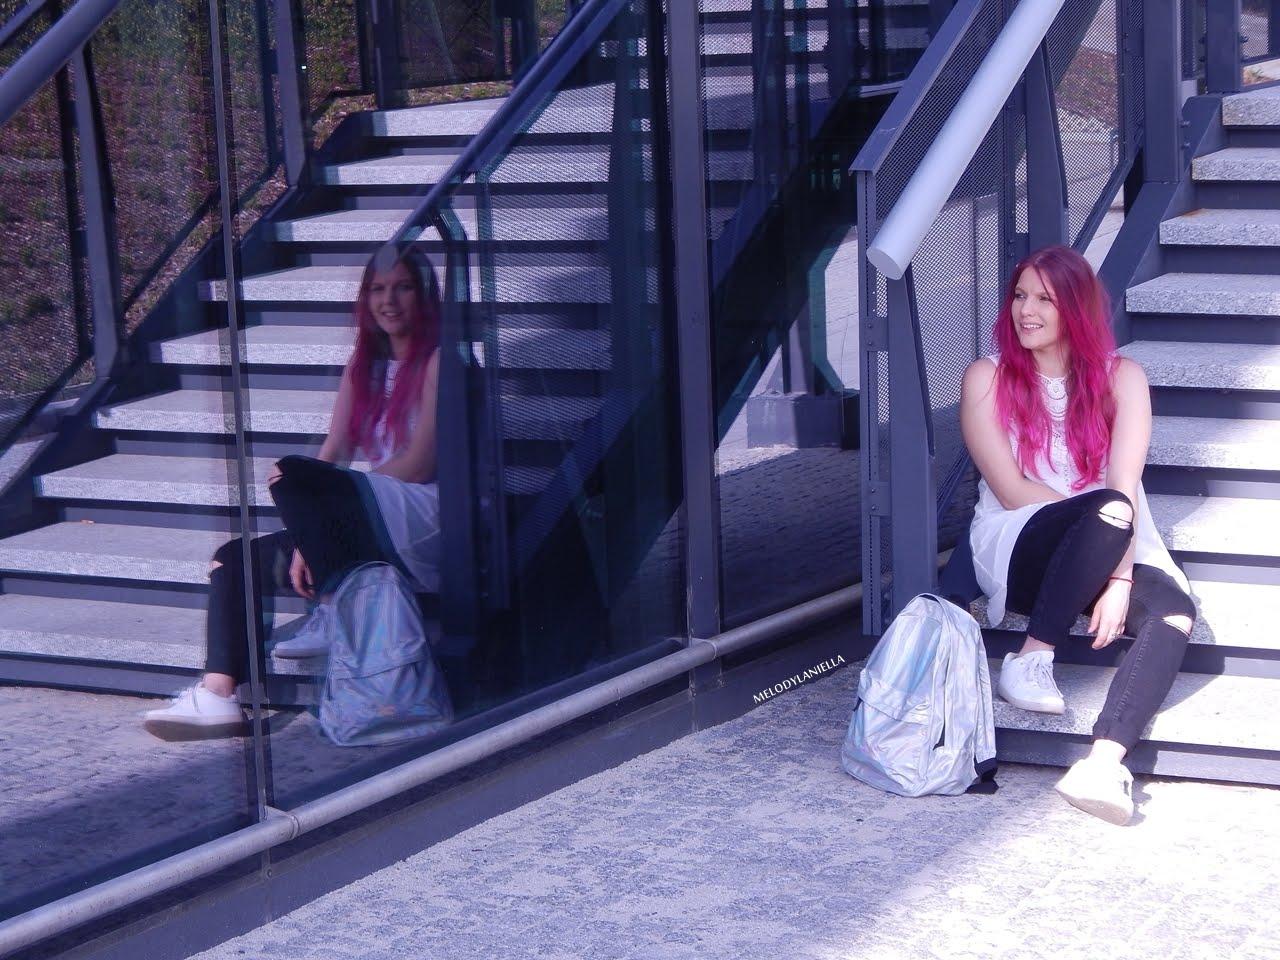 4 holograficzny plecak betterlook.pl farby venita różowe włosy jak pofarbować włosy kolorowe włosy ombre pink hair paul rich watches zegarek czarne jeansy z dziurami modna polka lookbook